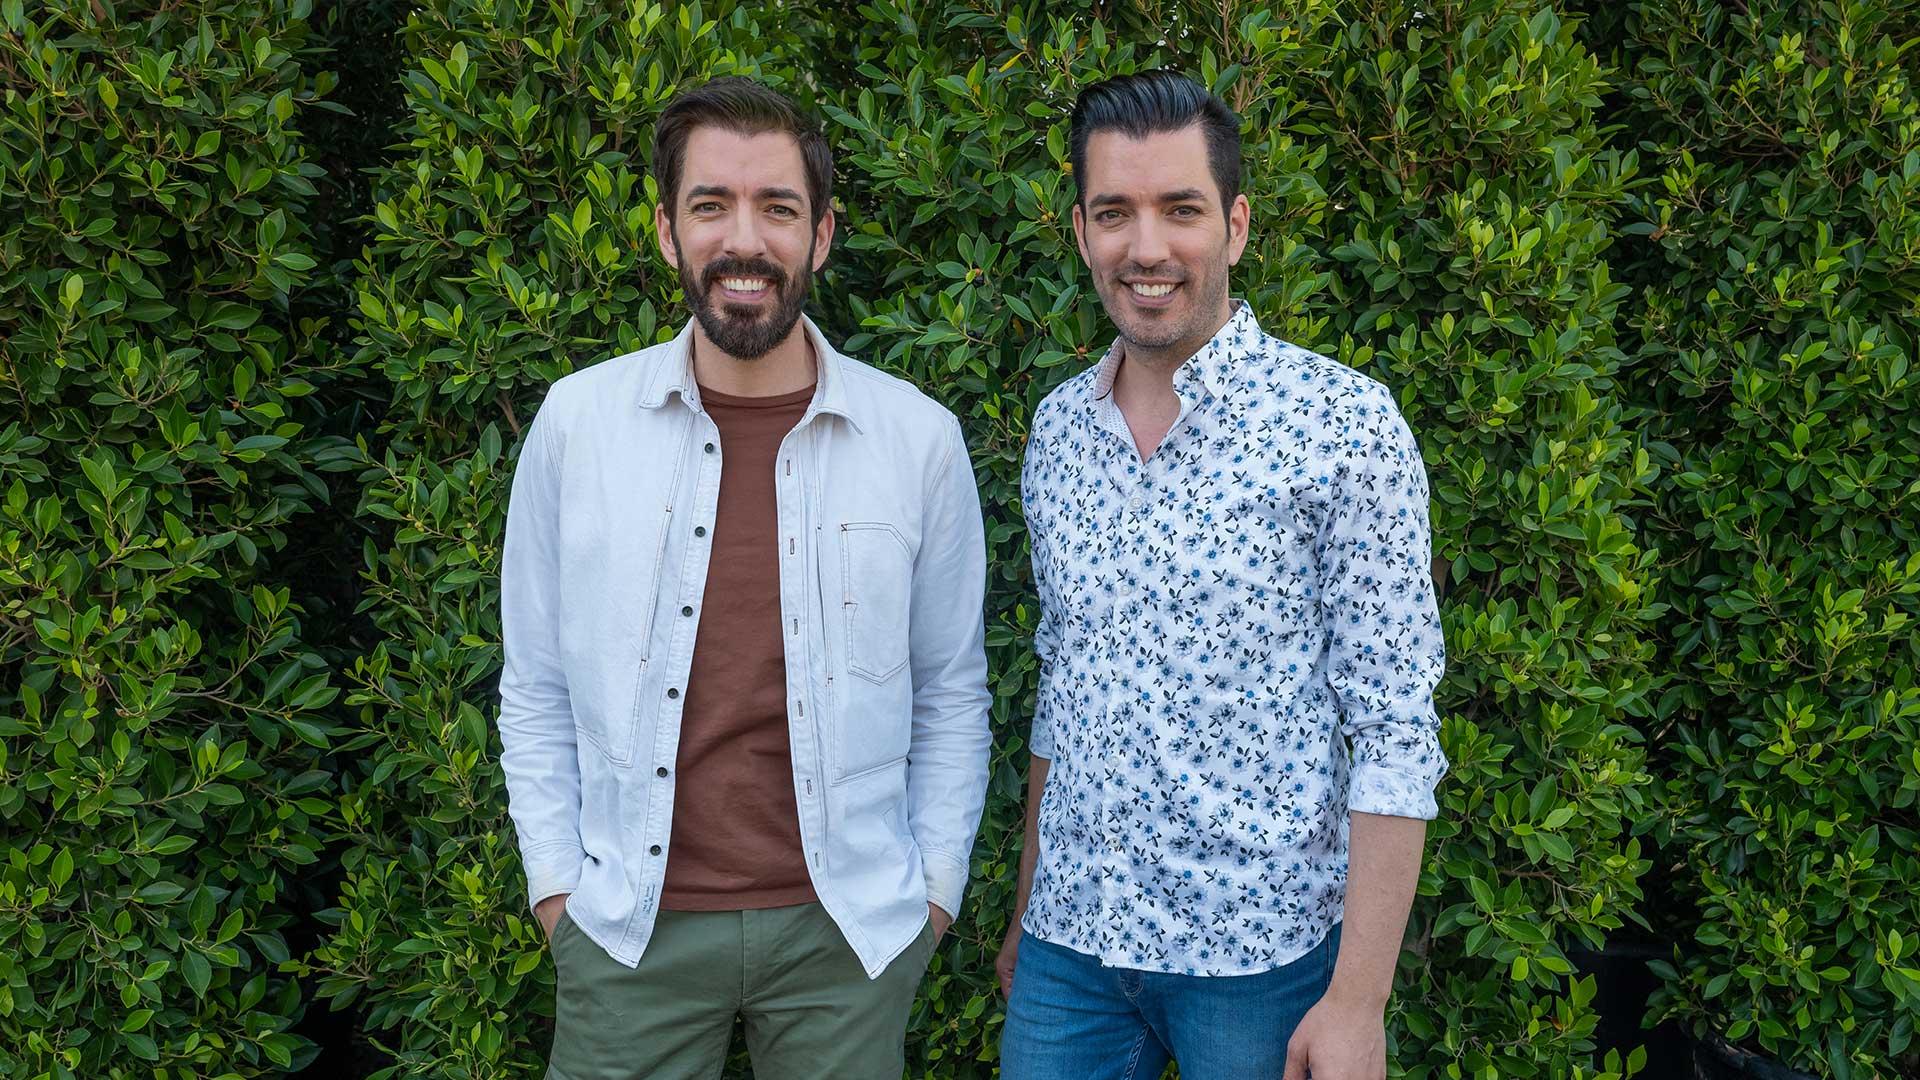 Los gemelos reforman dos veces: edición celebrity